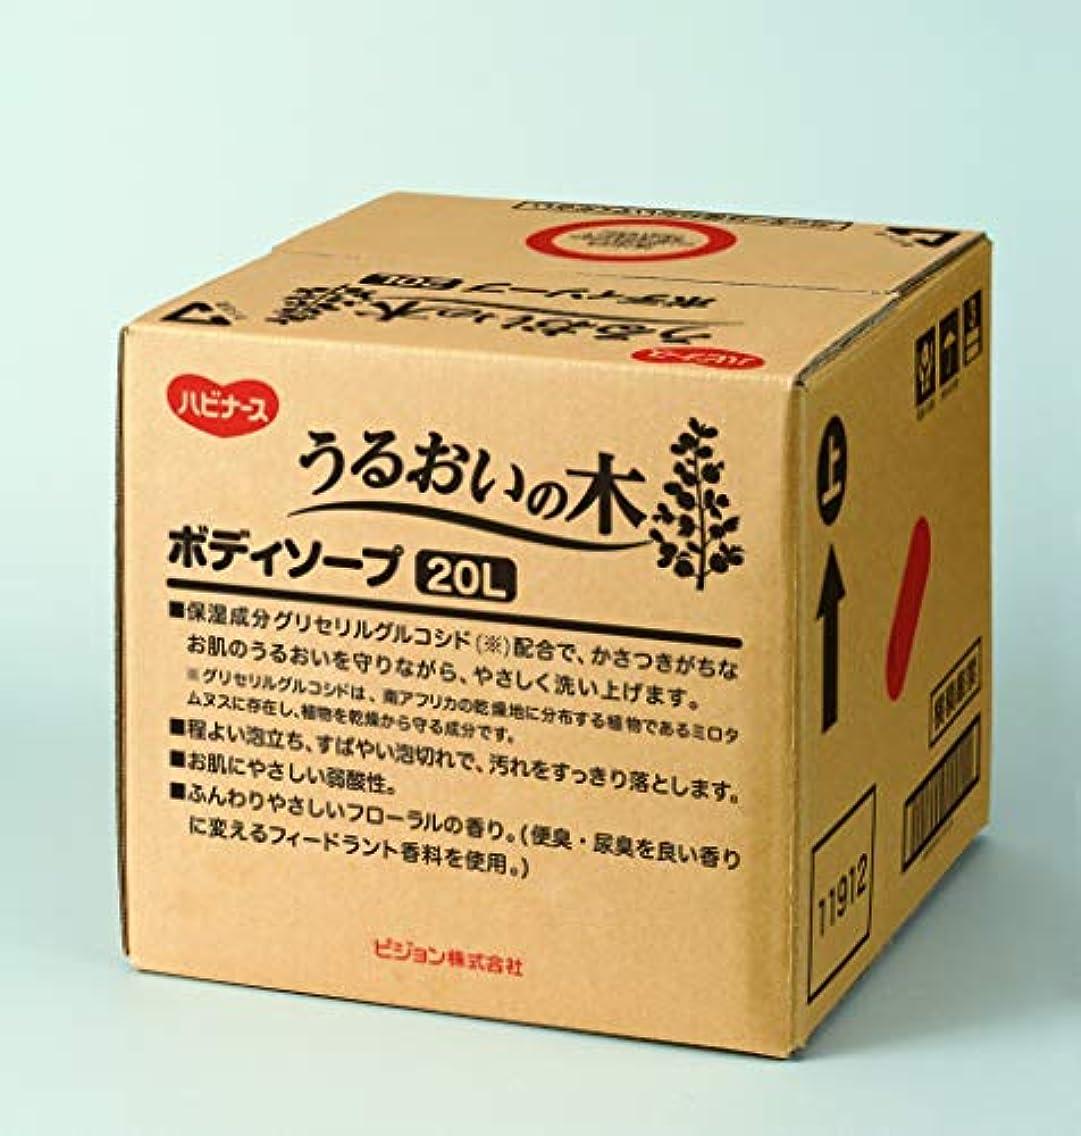 シリーズせせらぎ突進ハビナース うるおいの木 ボディソープ 20L [業務用]